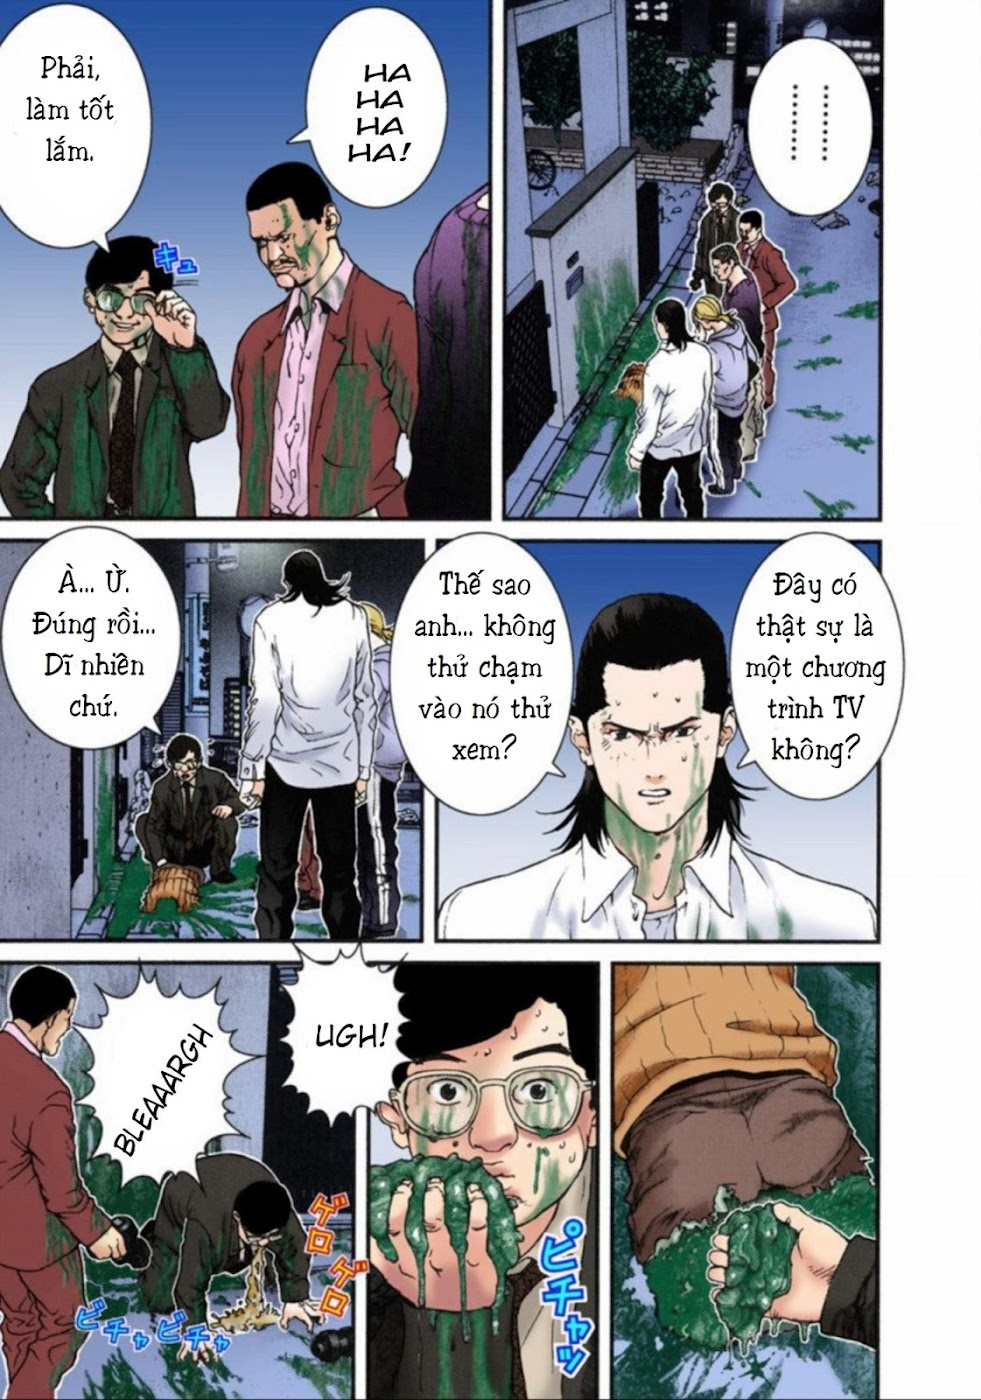 Gantz Chap 09: Thí nghiệm EichMann trang 3